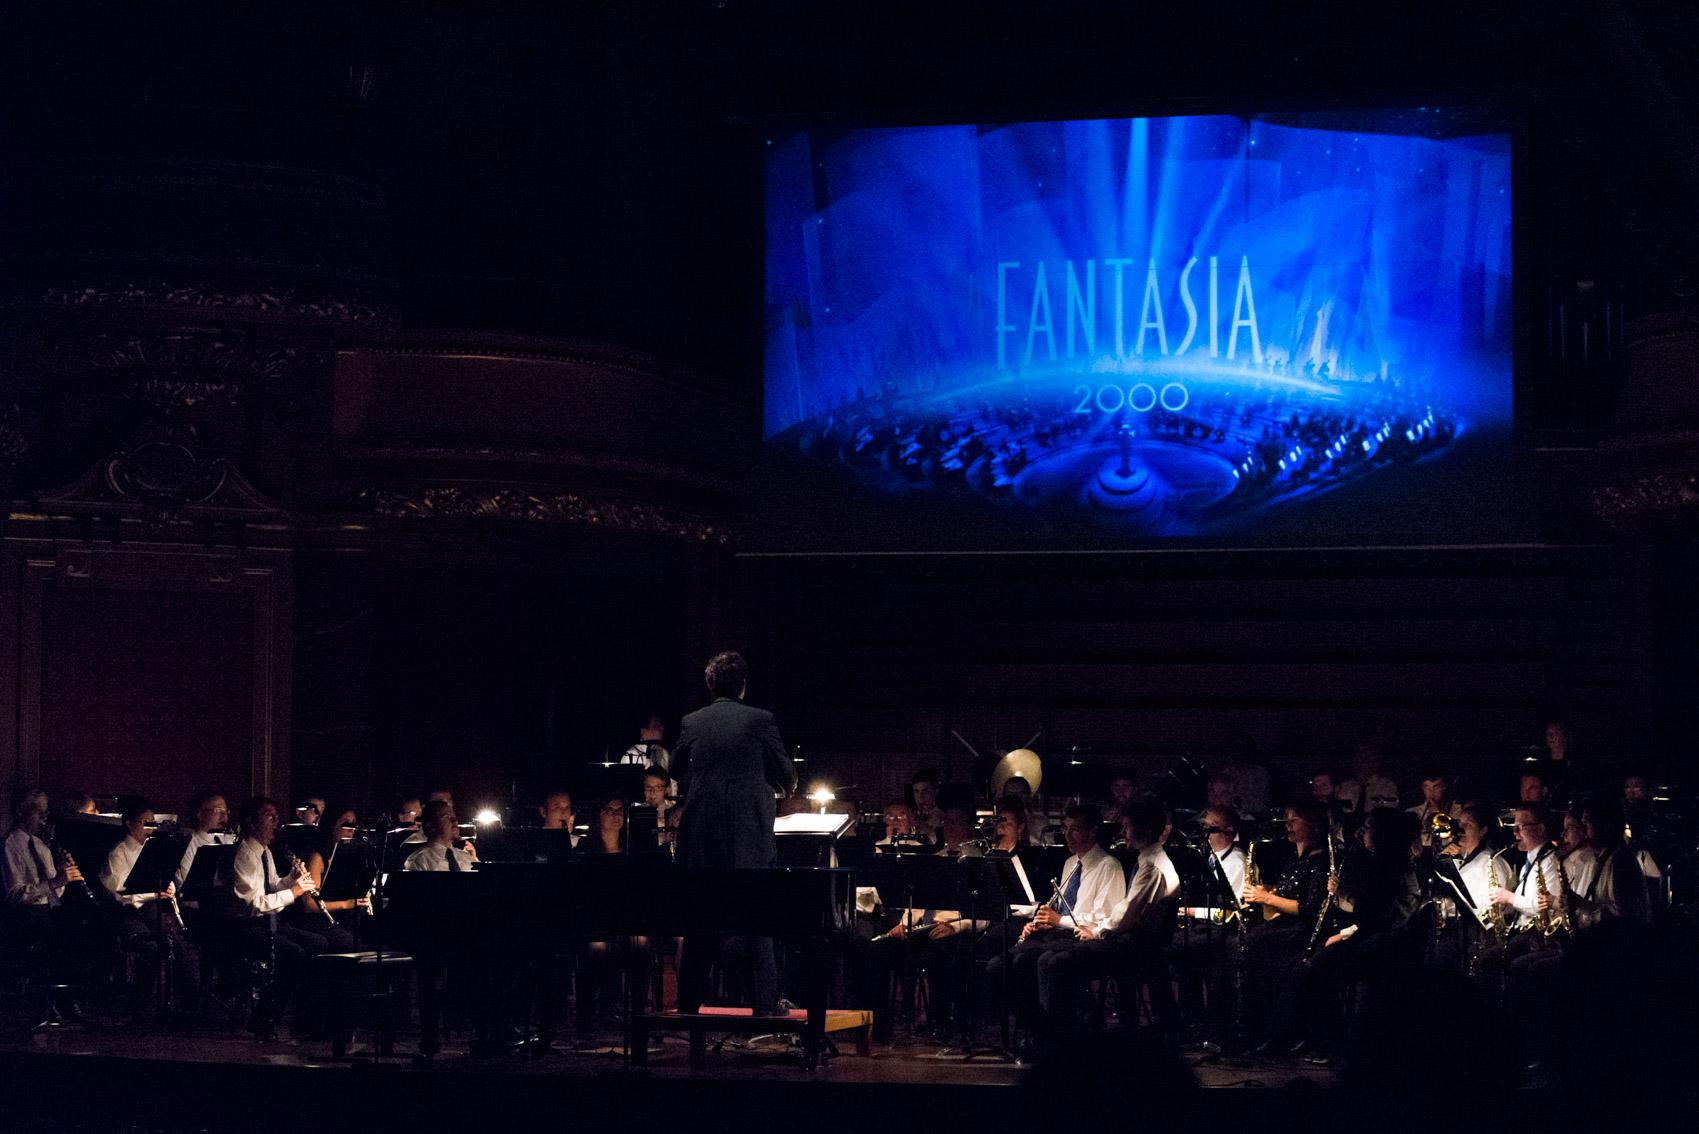 2016-06-11_Fantasia2000_Gala_100